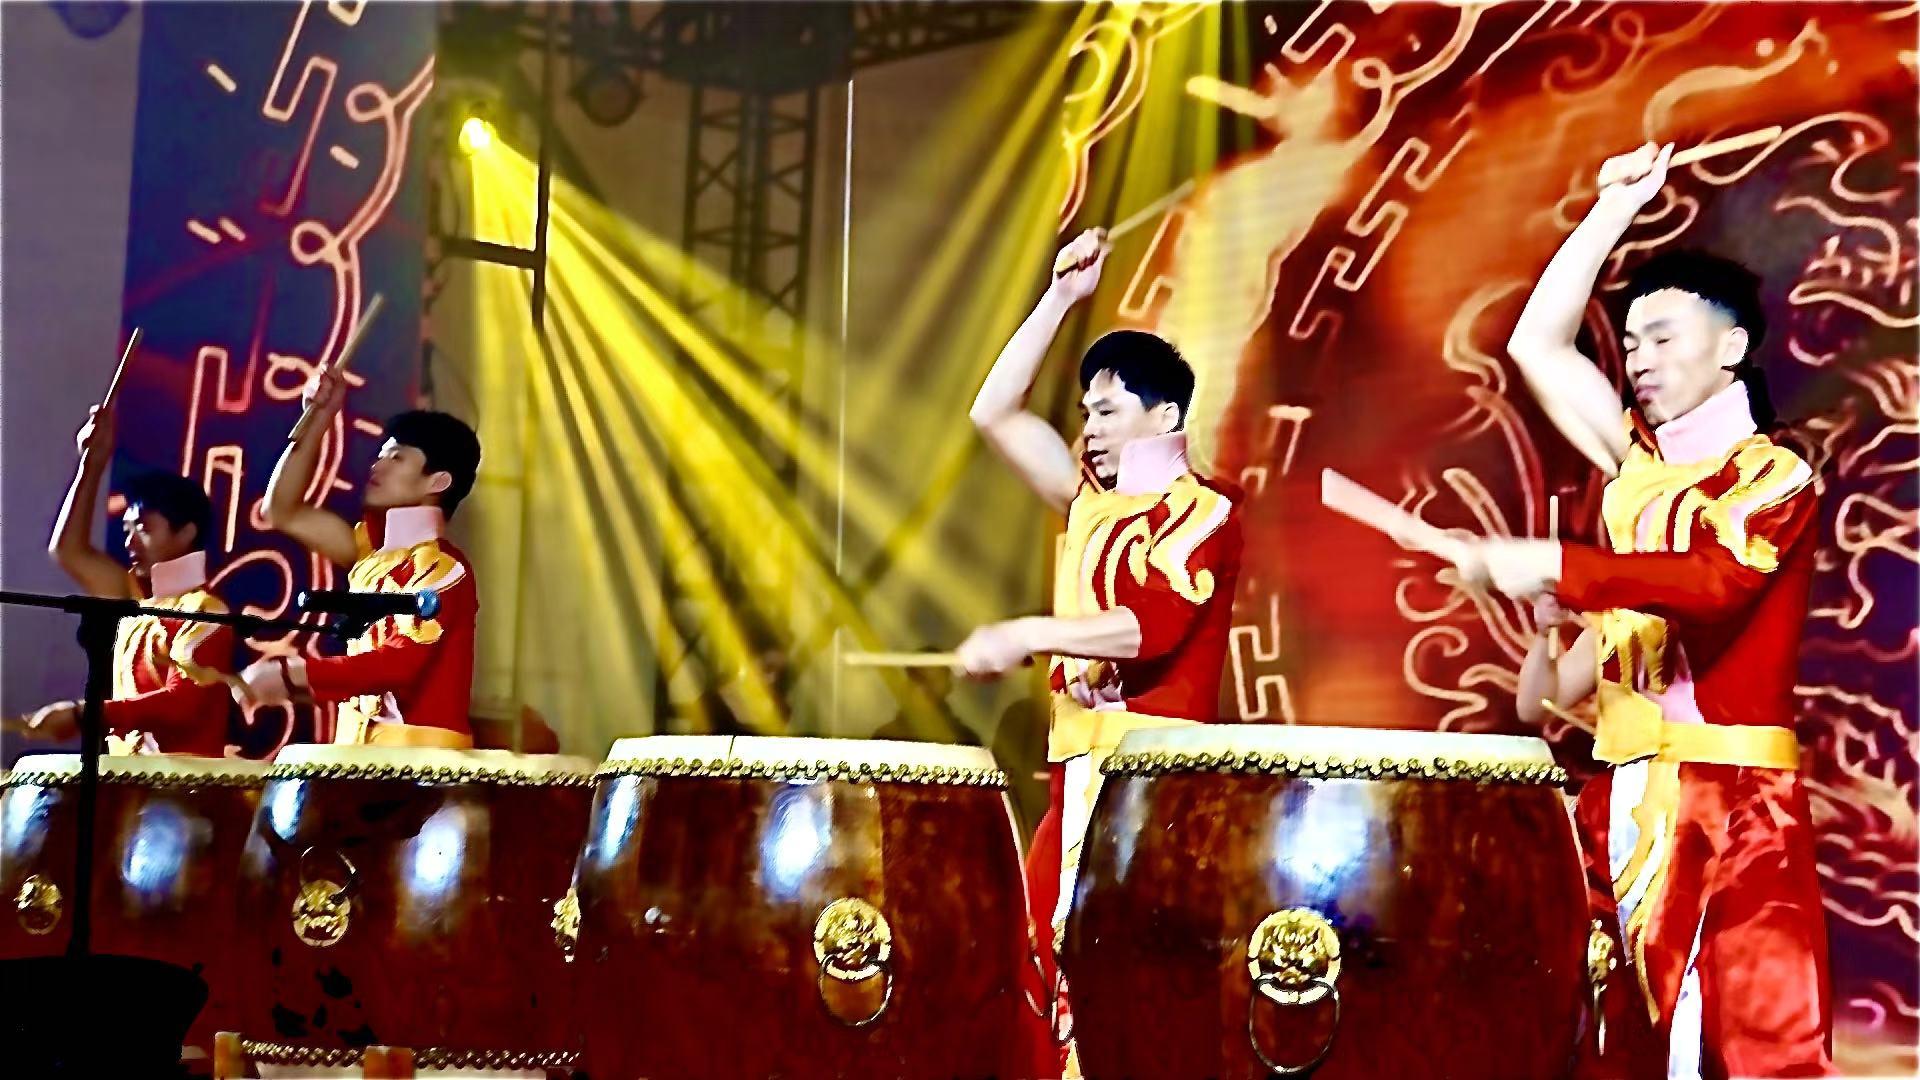 村民自编自导自演,沪上近40场乡村春晚热闹迎新年 | 新春走基层